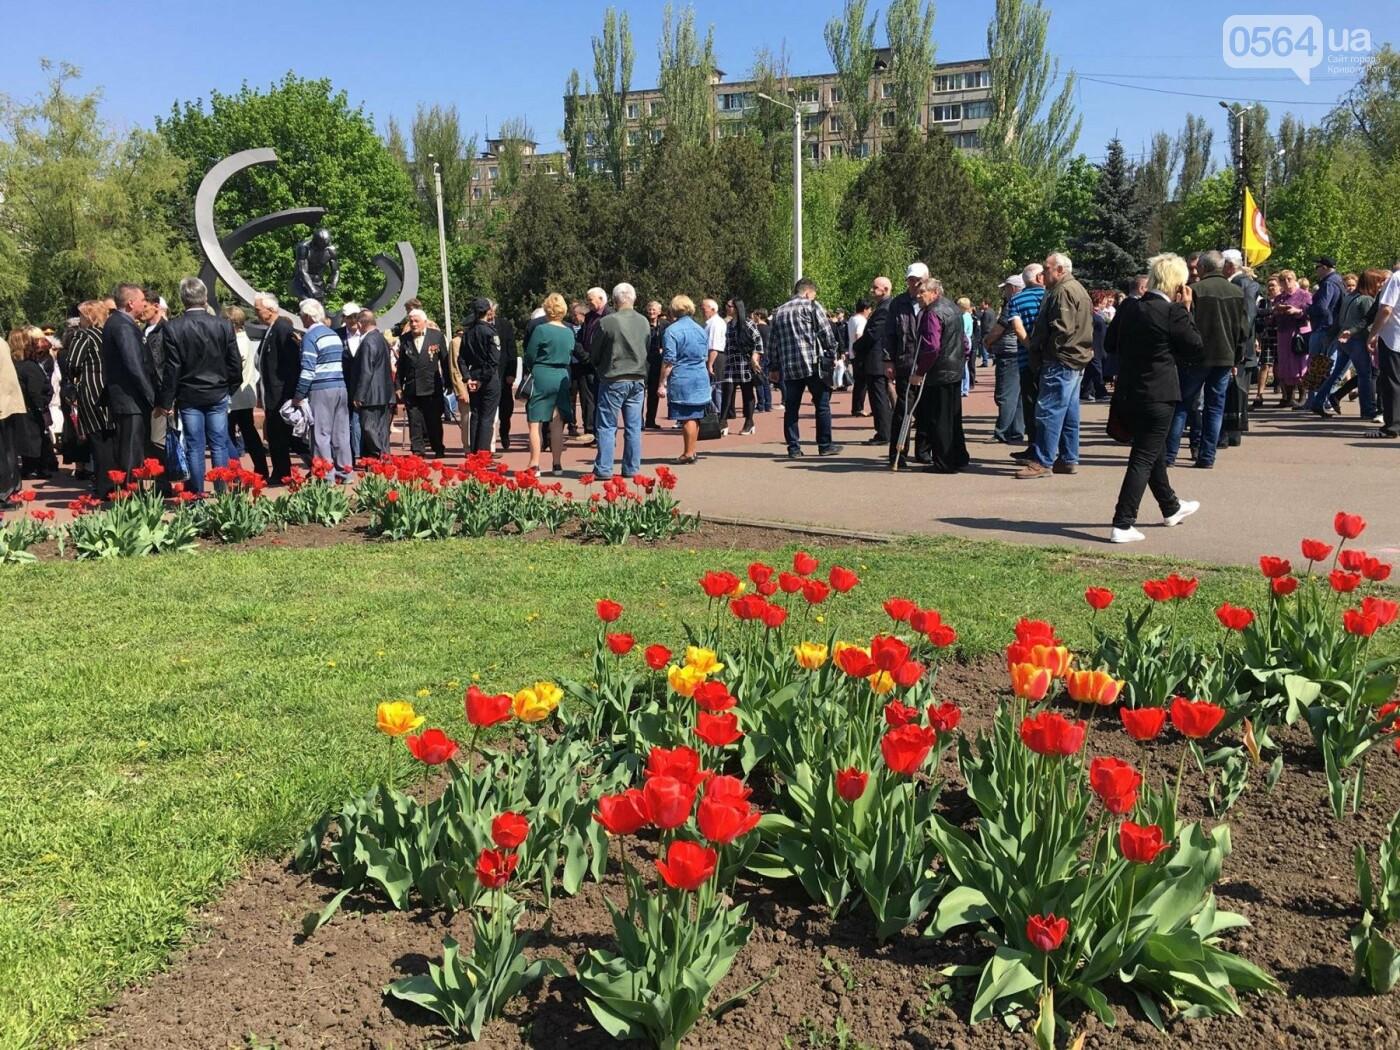 Чернобыльская катастрофа: В Кривом Роге прошел митинг-реквием в память о тех, кто пожертвовал собой во имя спасения сограждан (ФОТО, ВИДЕО), фото-13